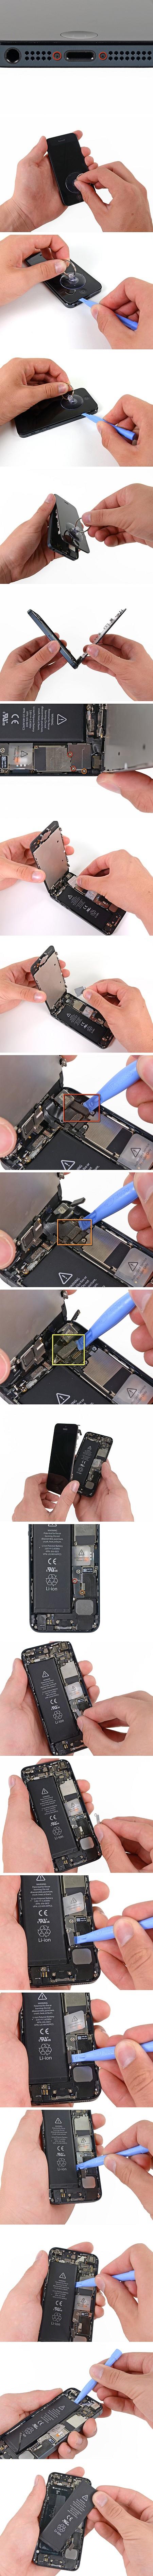 Как заменить аккумулятор на iPhone 5